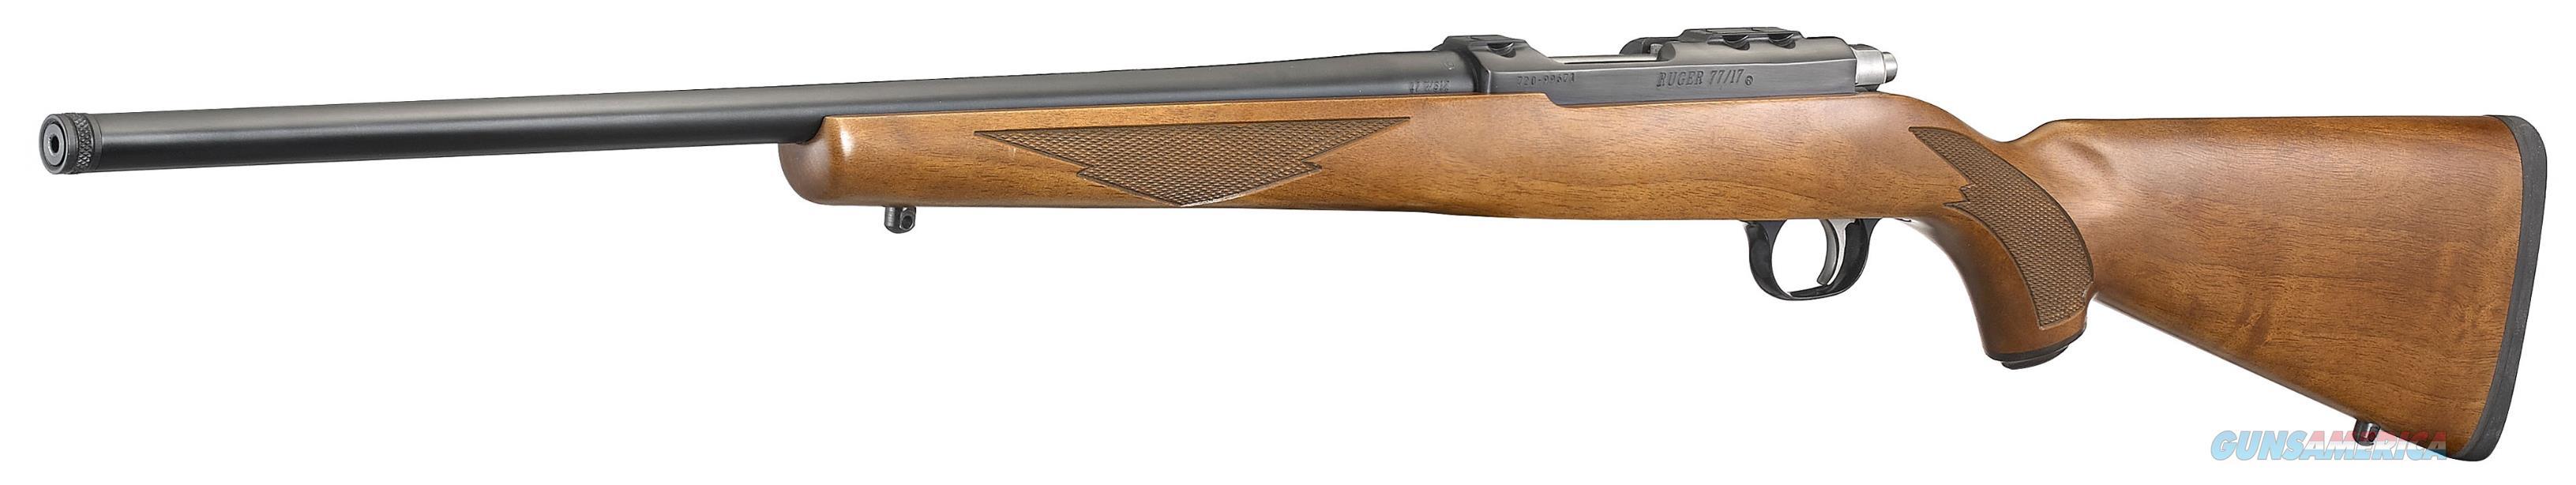 Ruger 77-17, Rug 7222  77-17     17wsm   20   Tb Wal  Guns > Pistols > 1911 Pistol Copies (non-Colt)